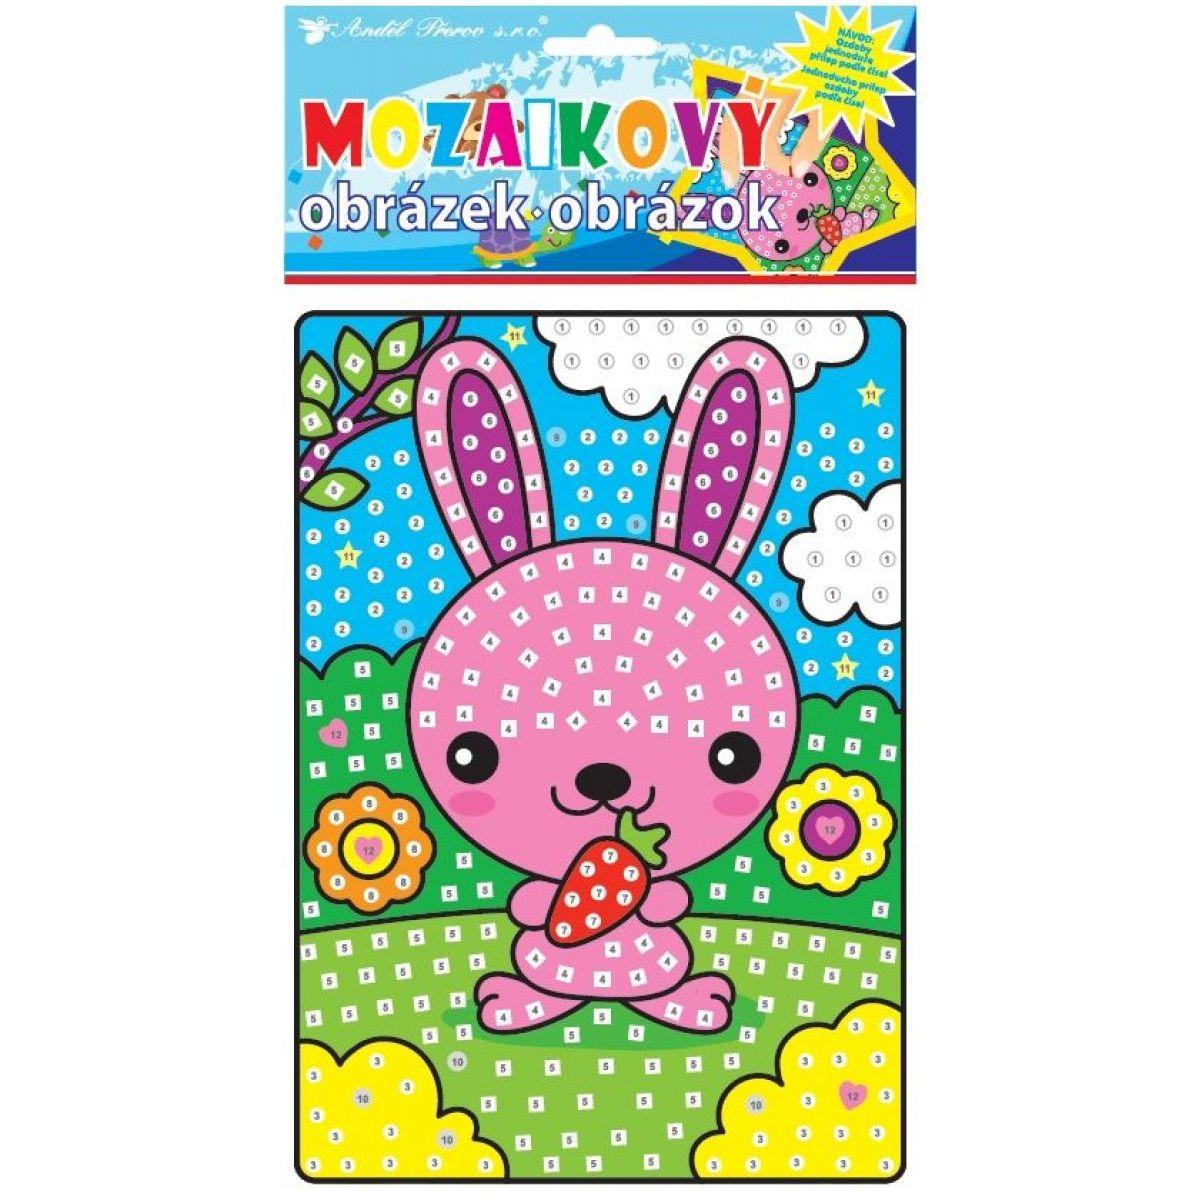 Mozaika zvieratka 23x16 cm zajačik